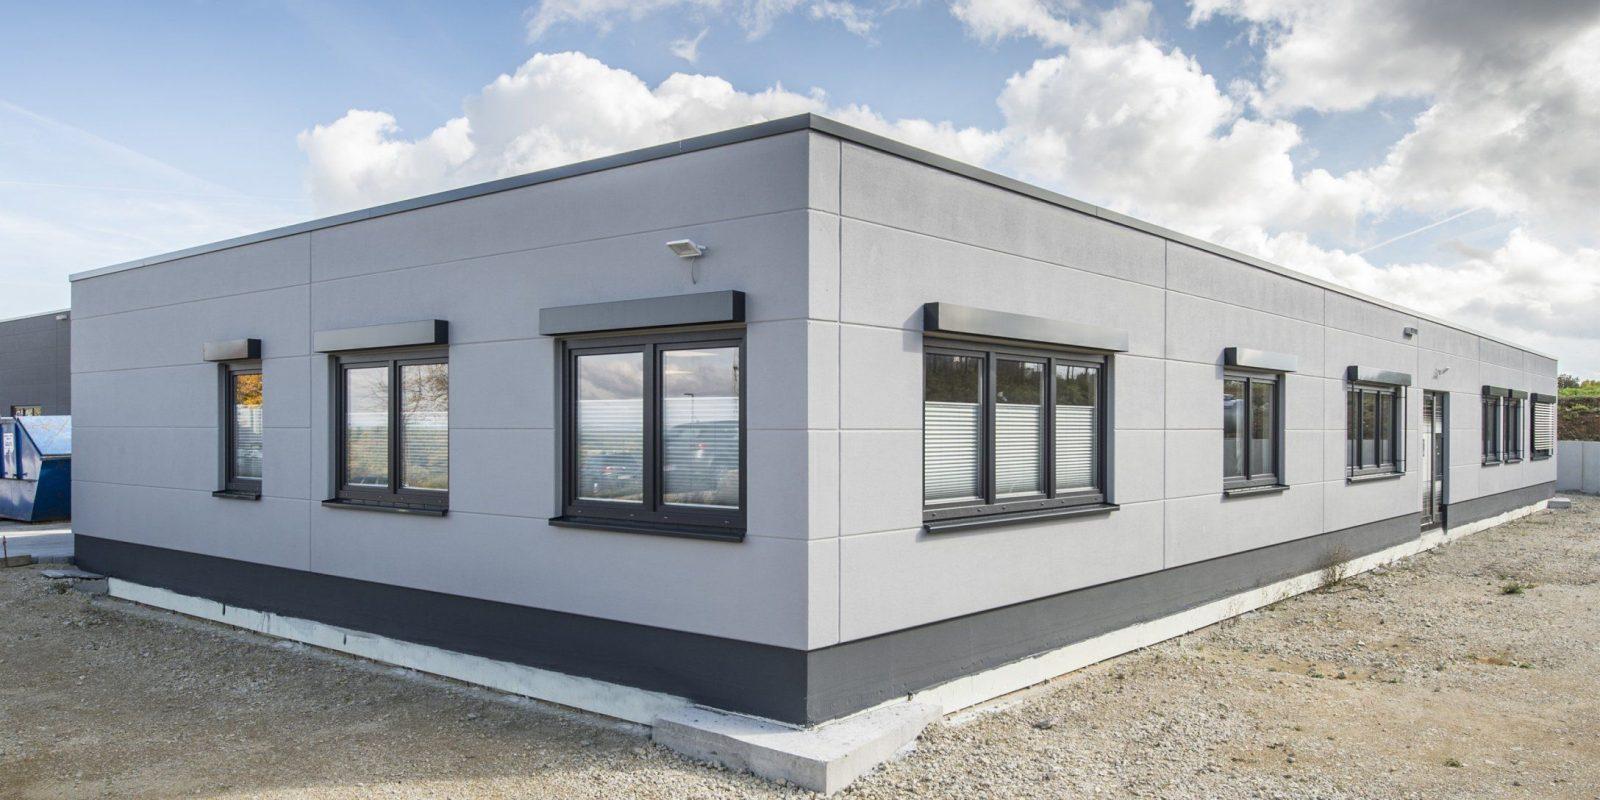 Kleine Halle Bauen Kosten  Die Schönsten Einrichtungsideen von Kfz Werkstatt Bauen Kosten Bild